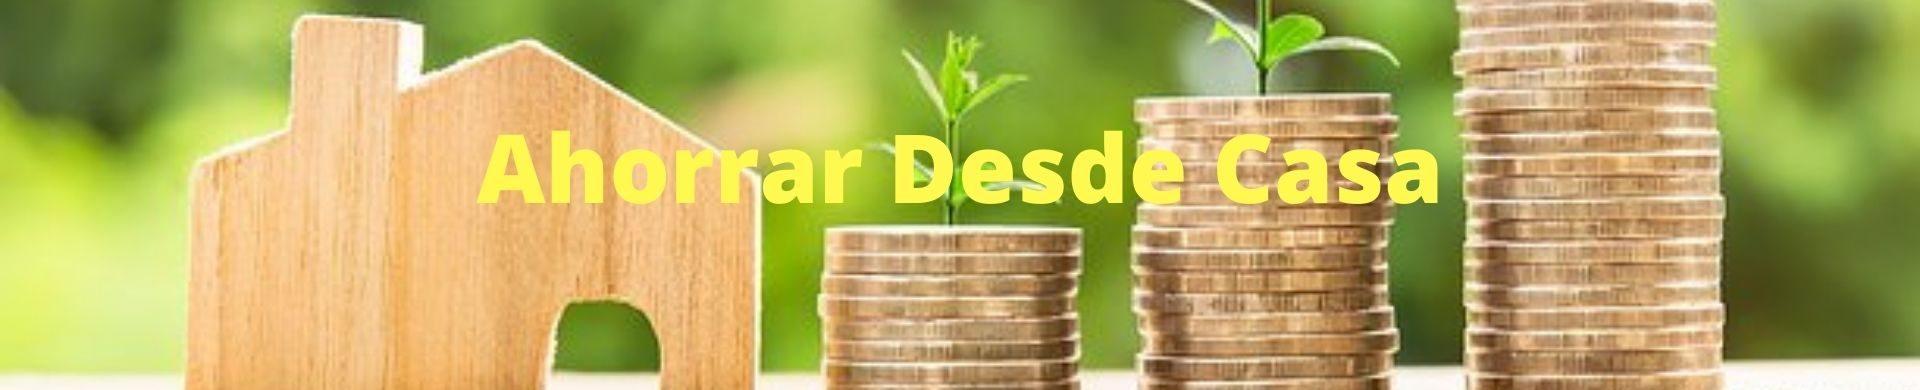 AhorrarDesdeCasa.com